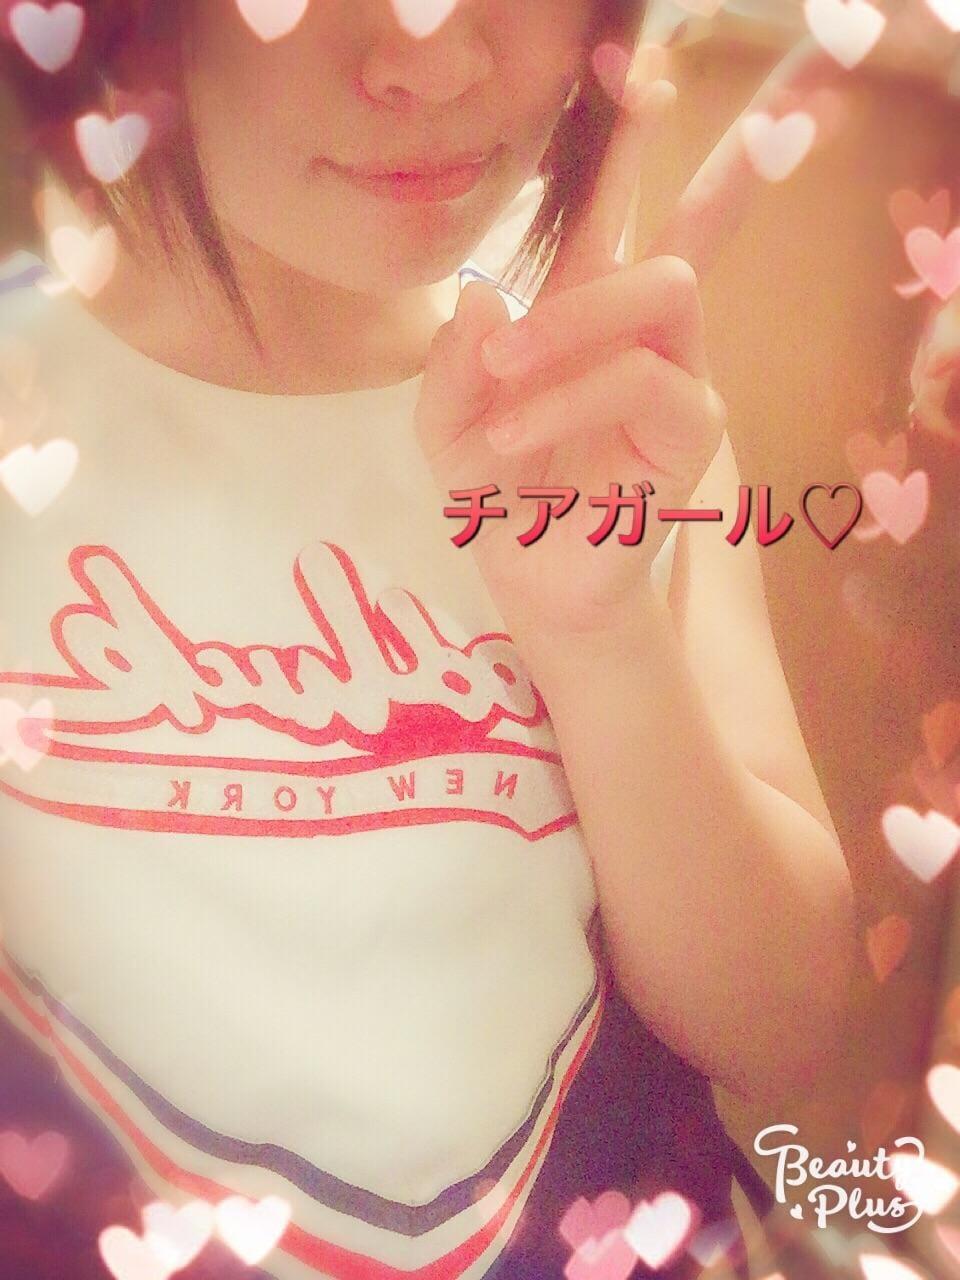 「好きなタイプ///」07/15(月) 23:28 | なつの写メ・風俗動画